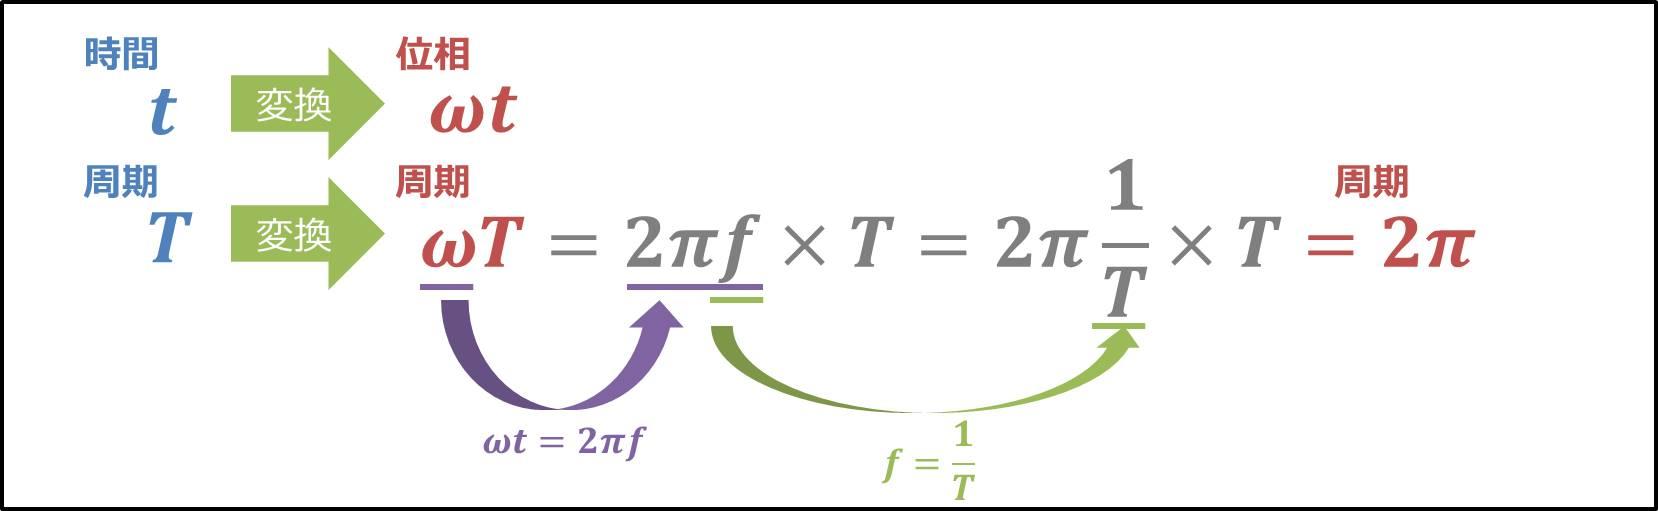 時間軸から位相軸の変換方法